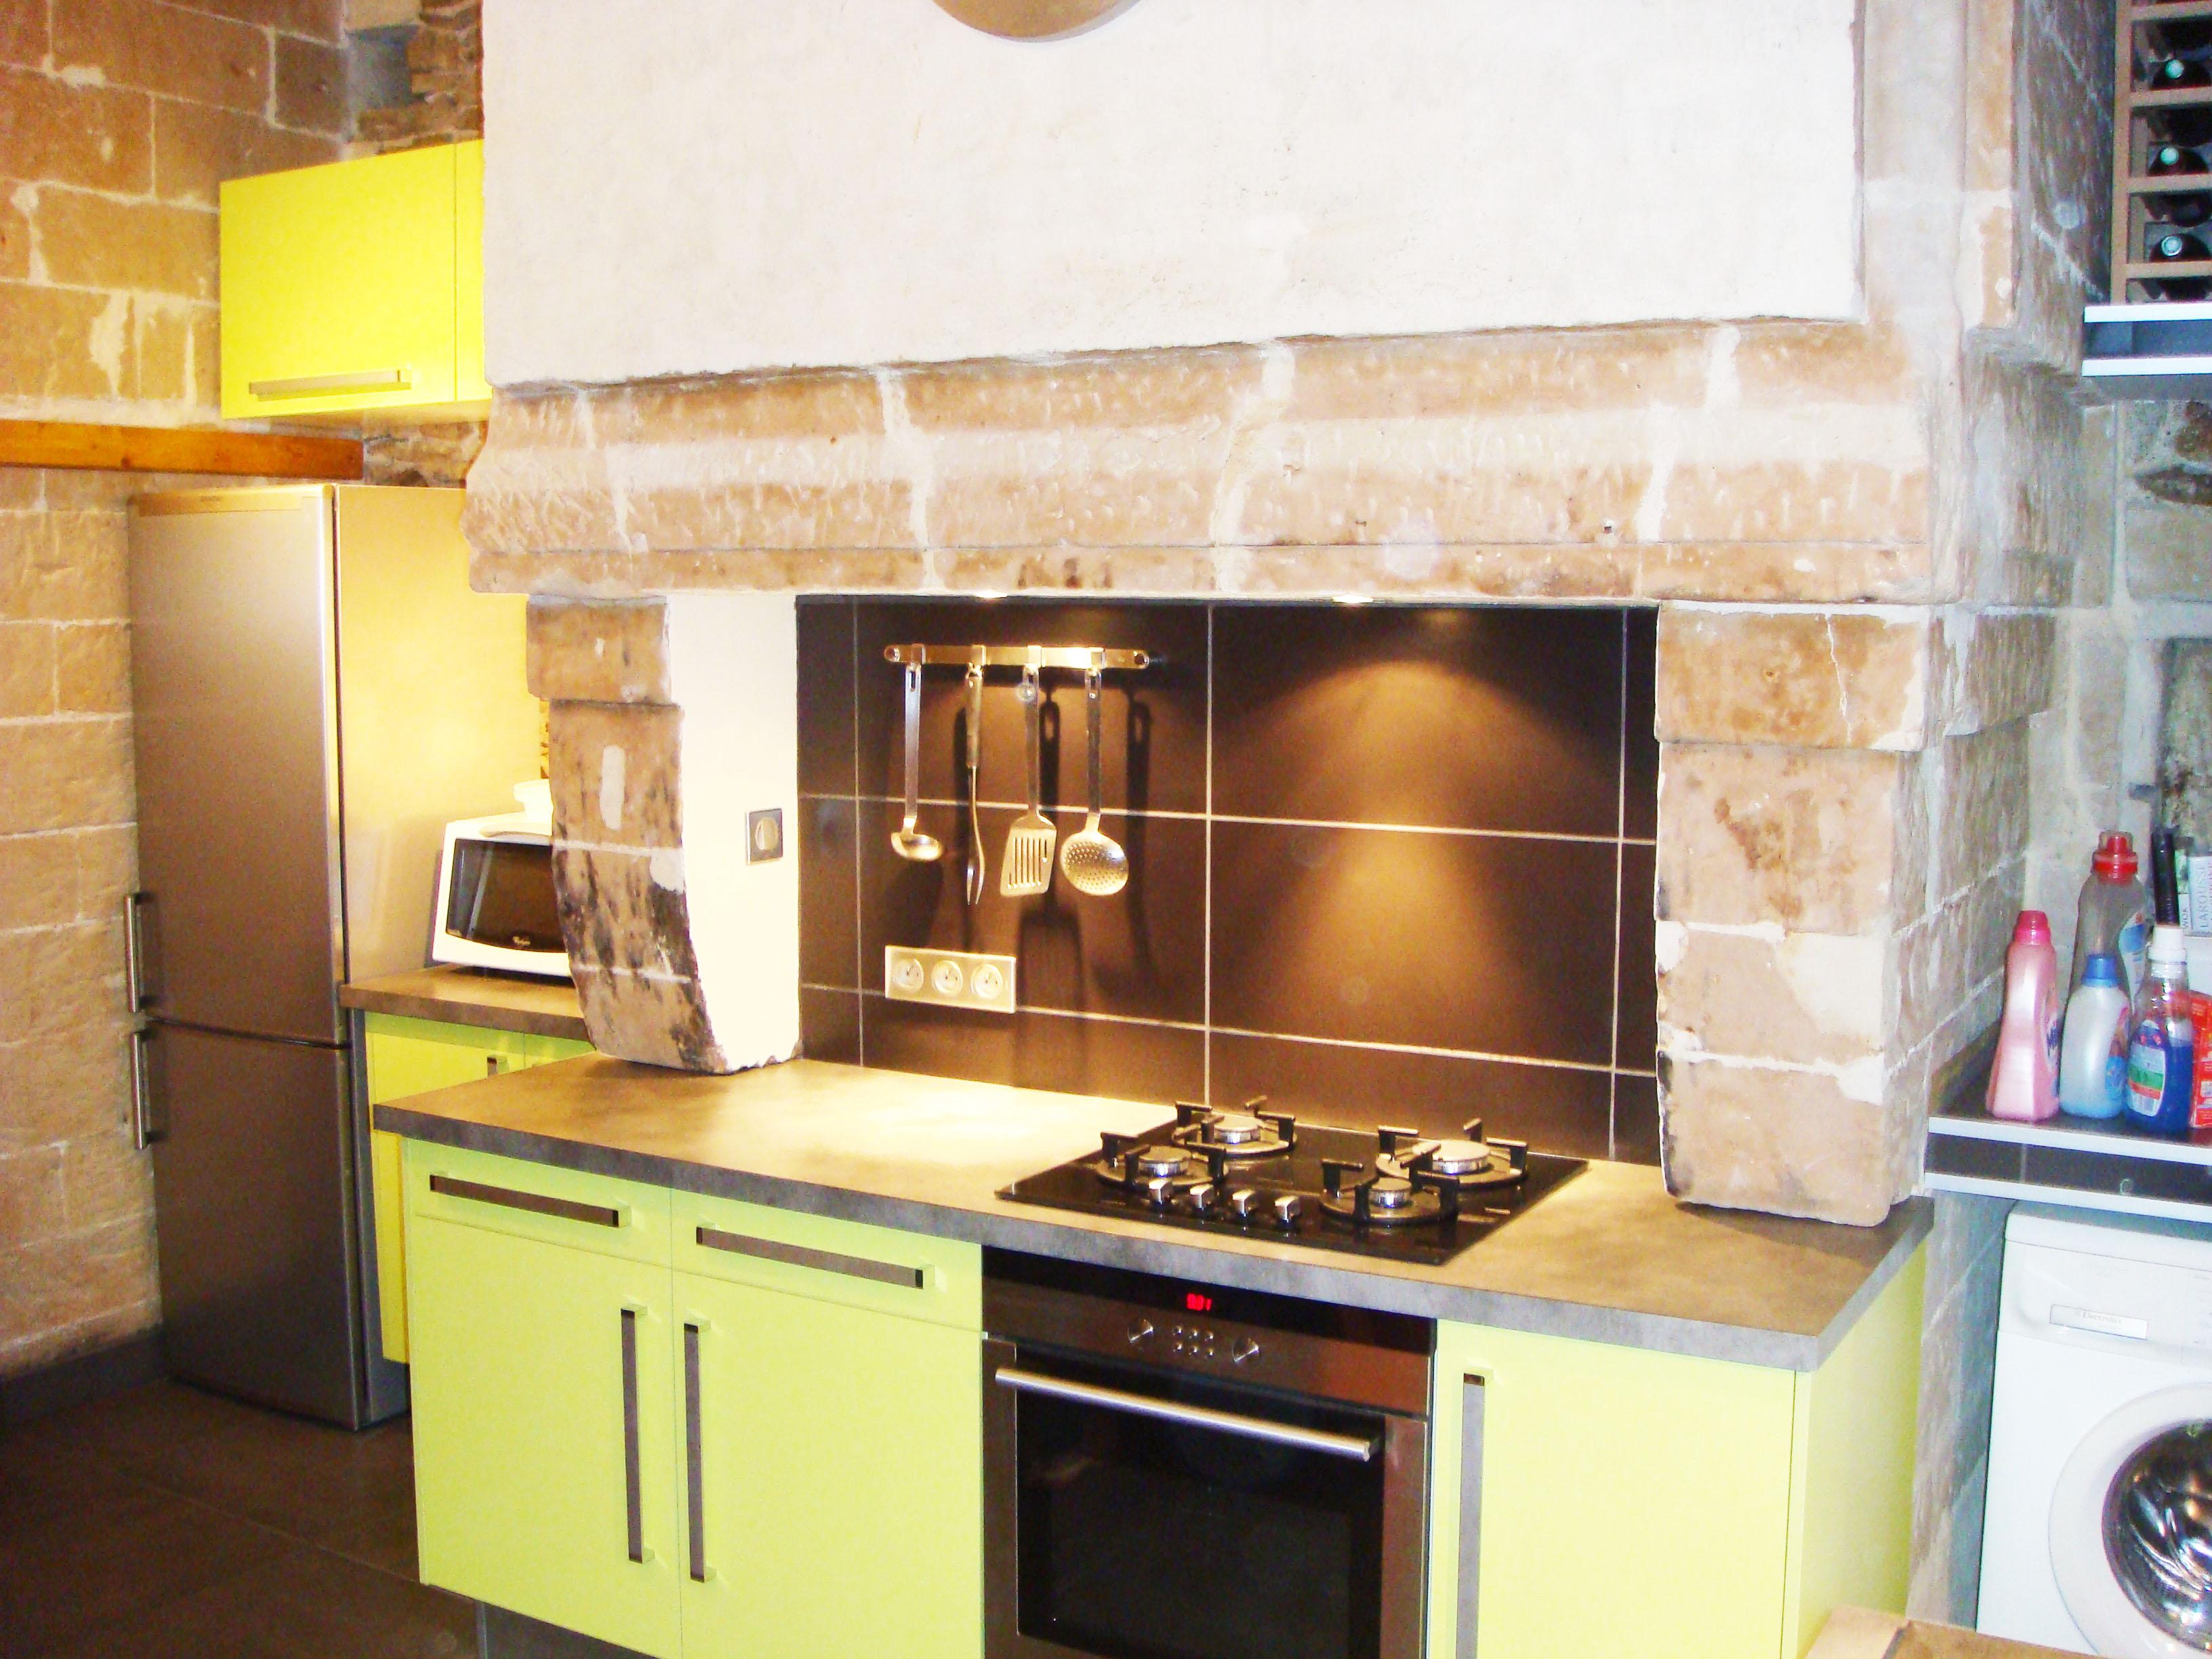 Renovation De Cheminee Ancienne restauration cuisine du vieux nantes - rénovéo - nantes (44)